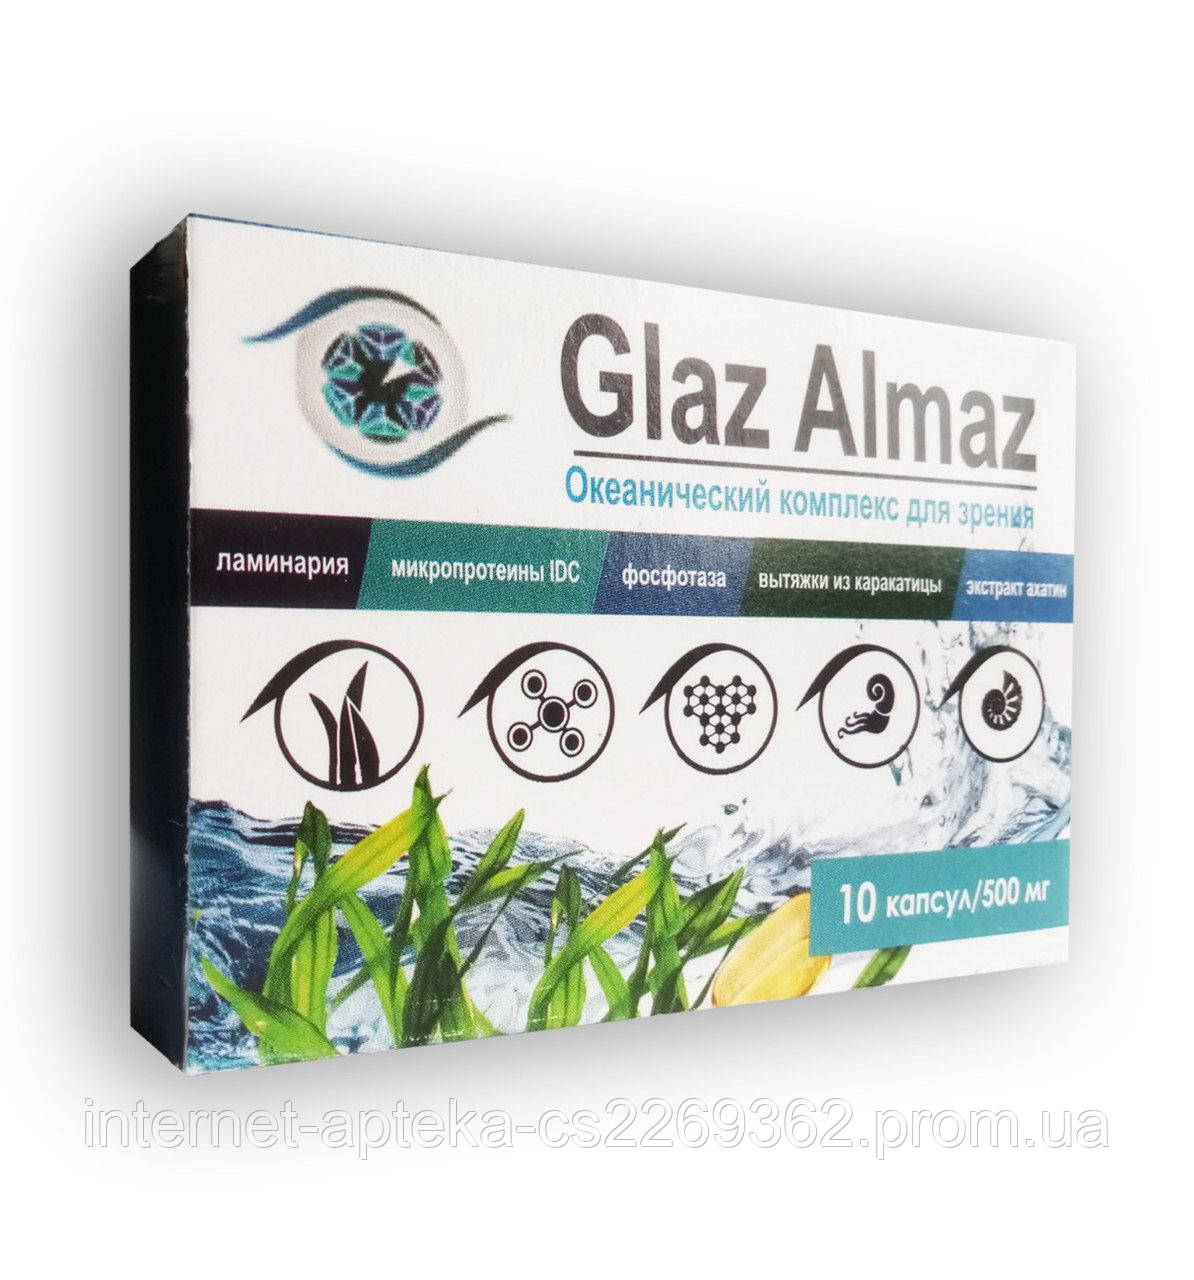 Капсулы для восстановления зрения глаз алмаз,Glaz Almaz комплекс для зрения